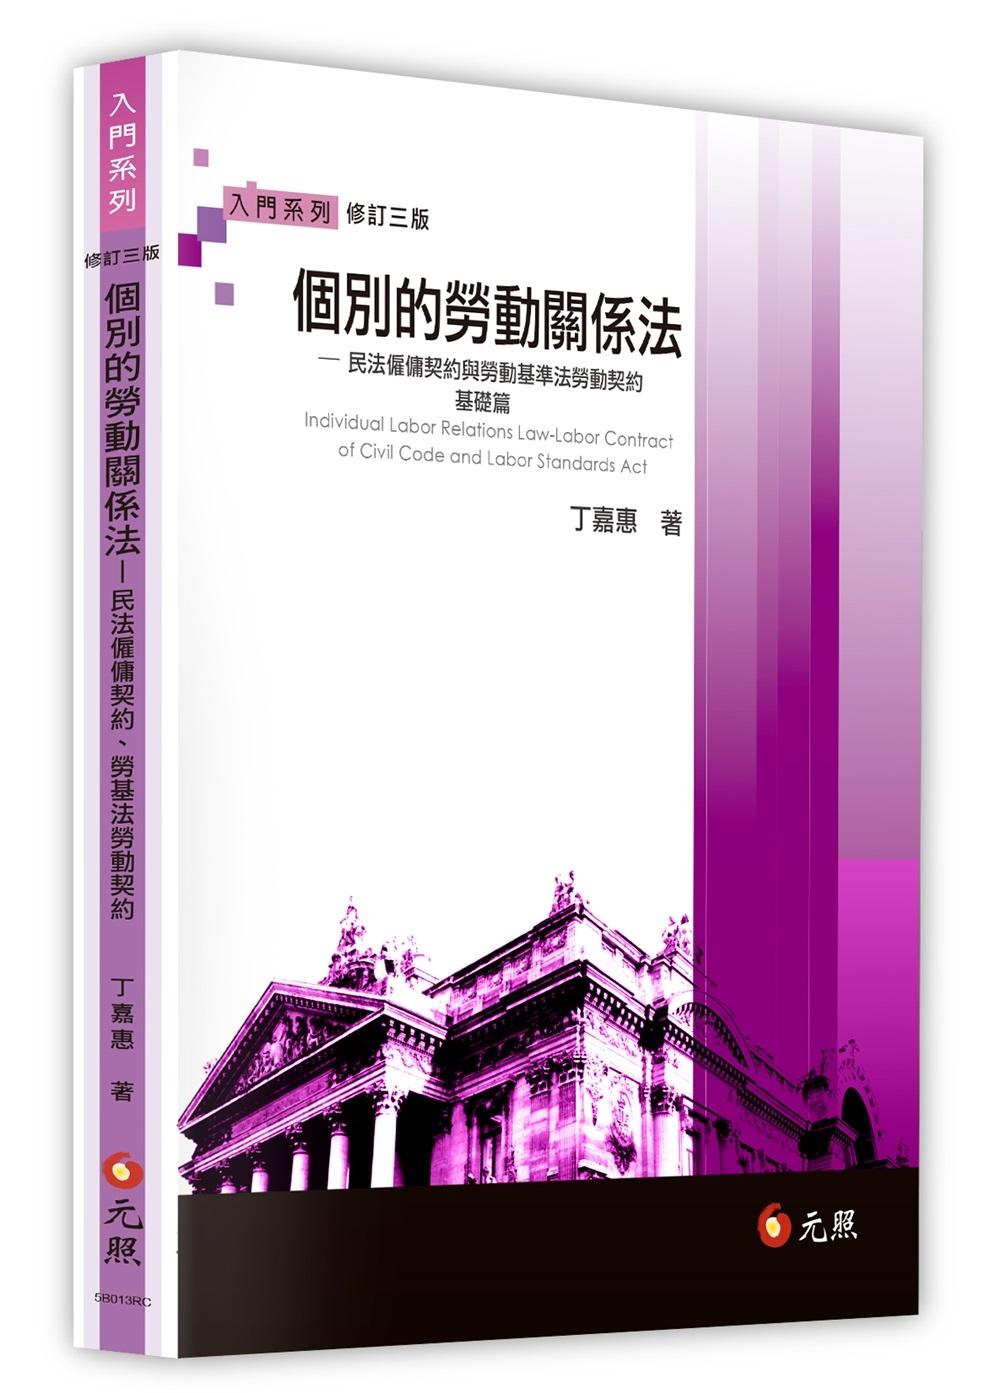 個別的勞動關係法:民法僱傭契約與勞動基準法勞動契約基礎篇(三版)